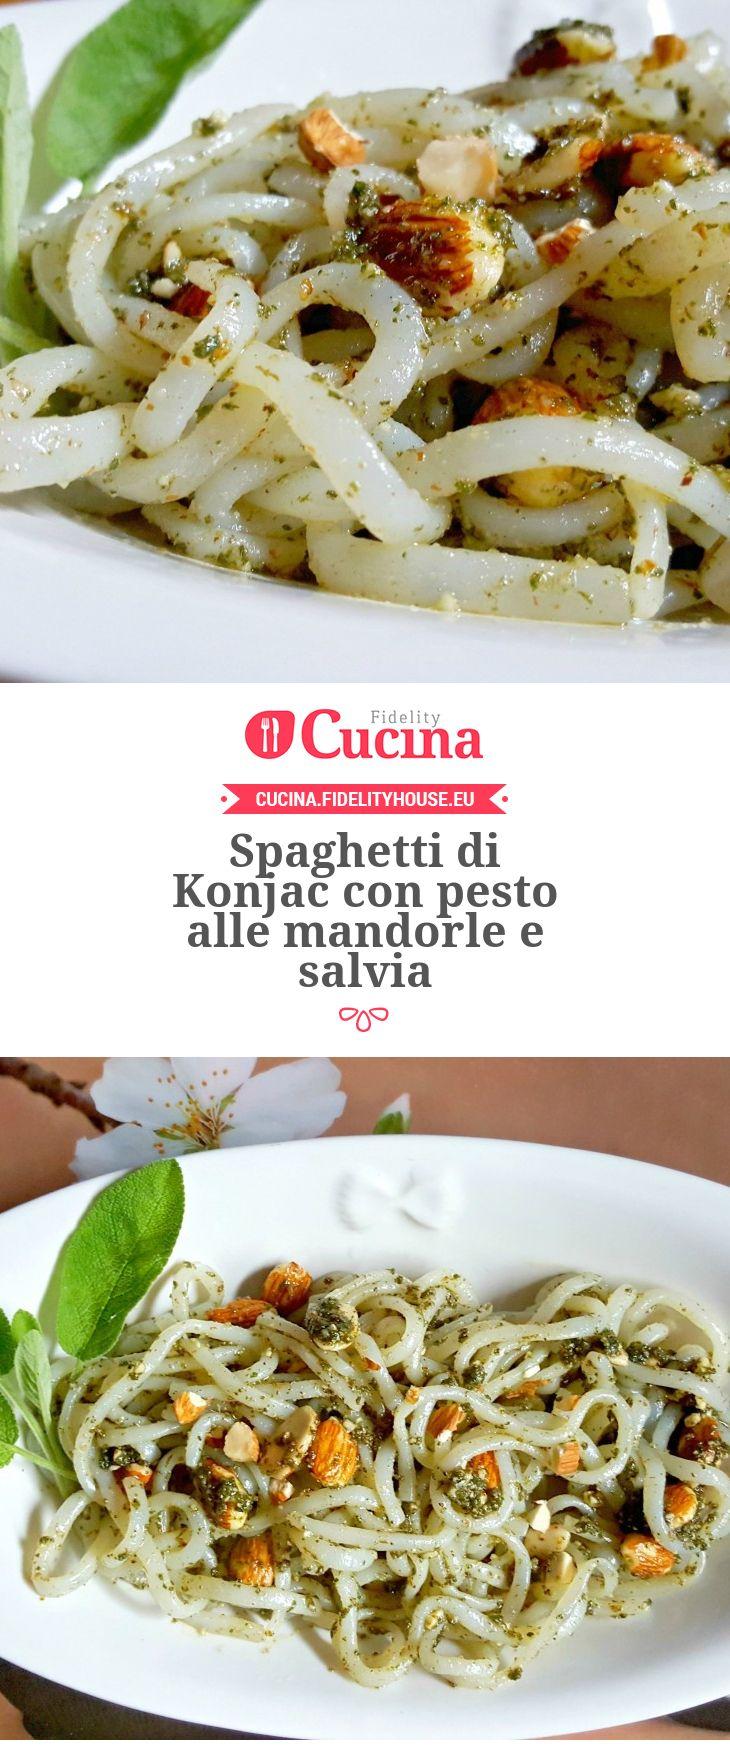 Spaghetti di Konjac con pesto alle mandorle e salvia